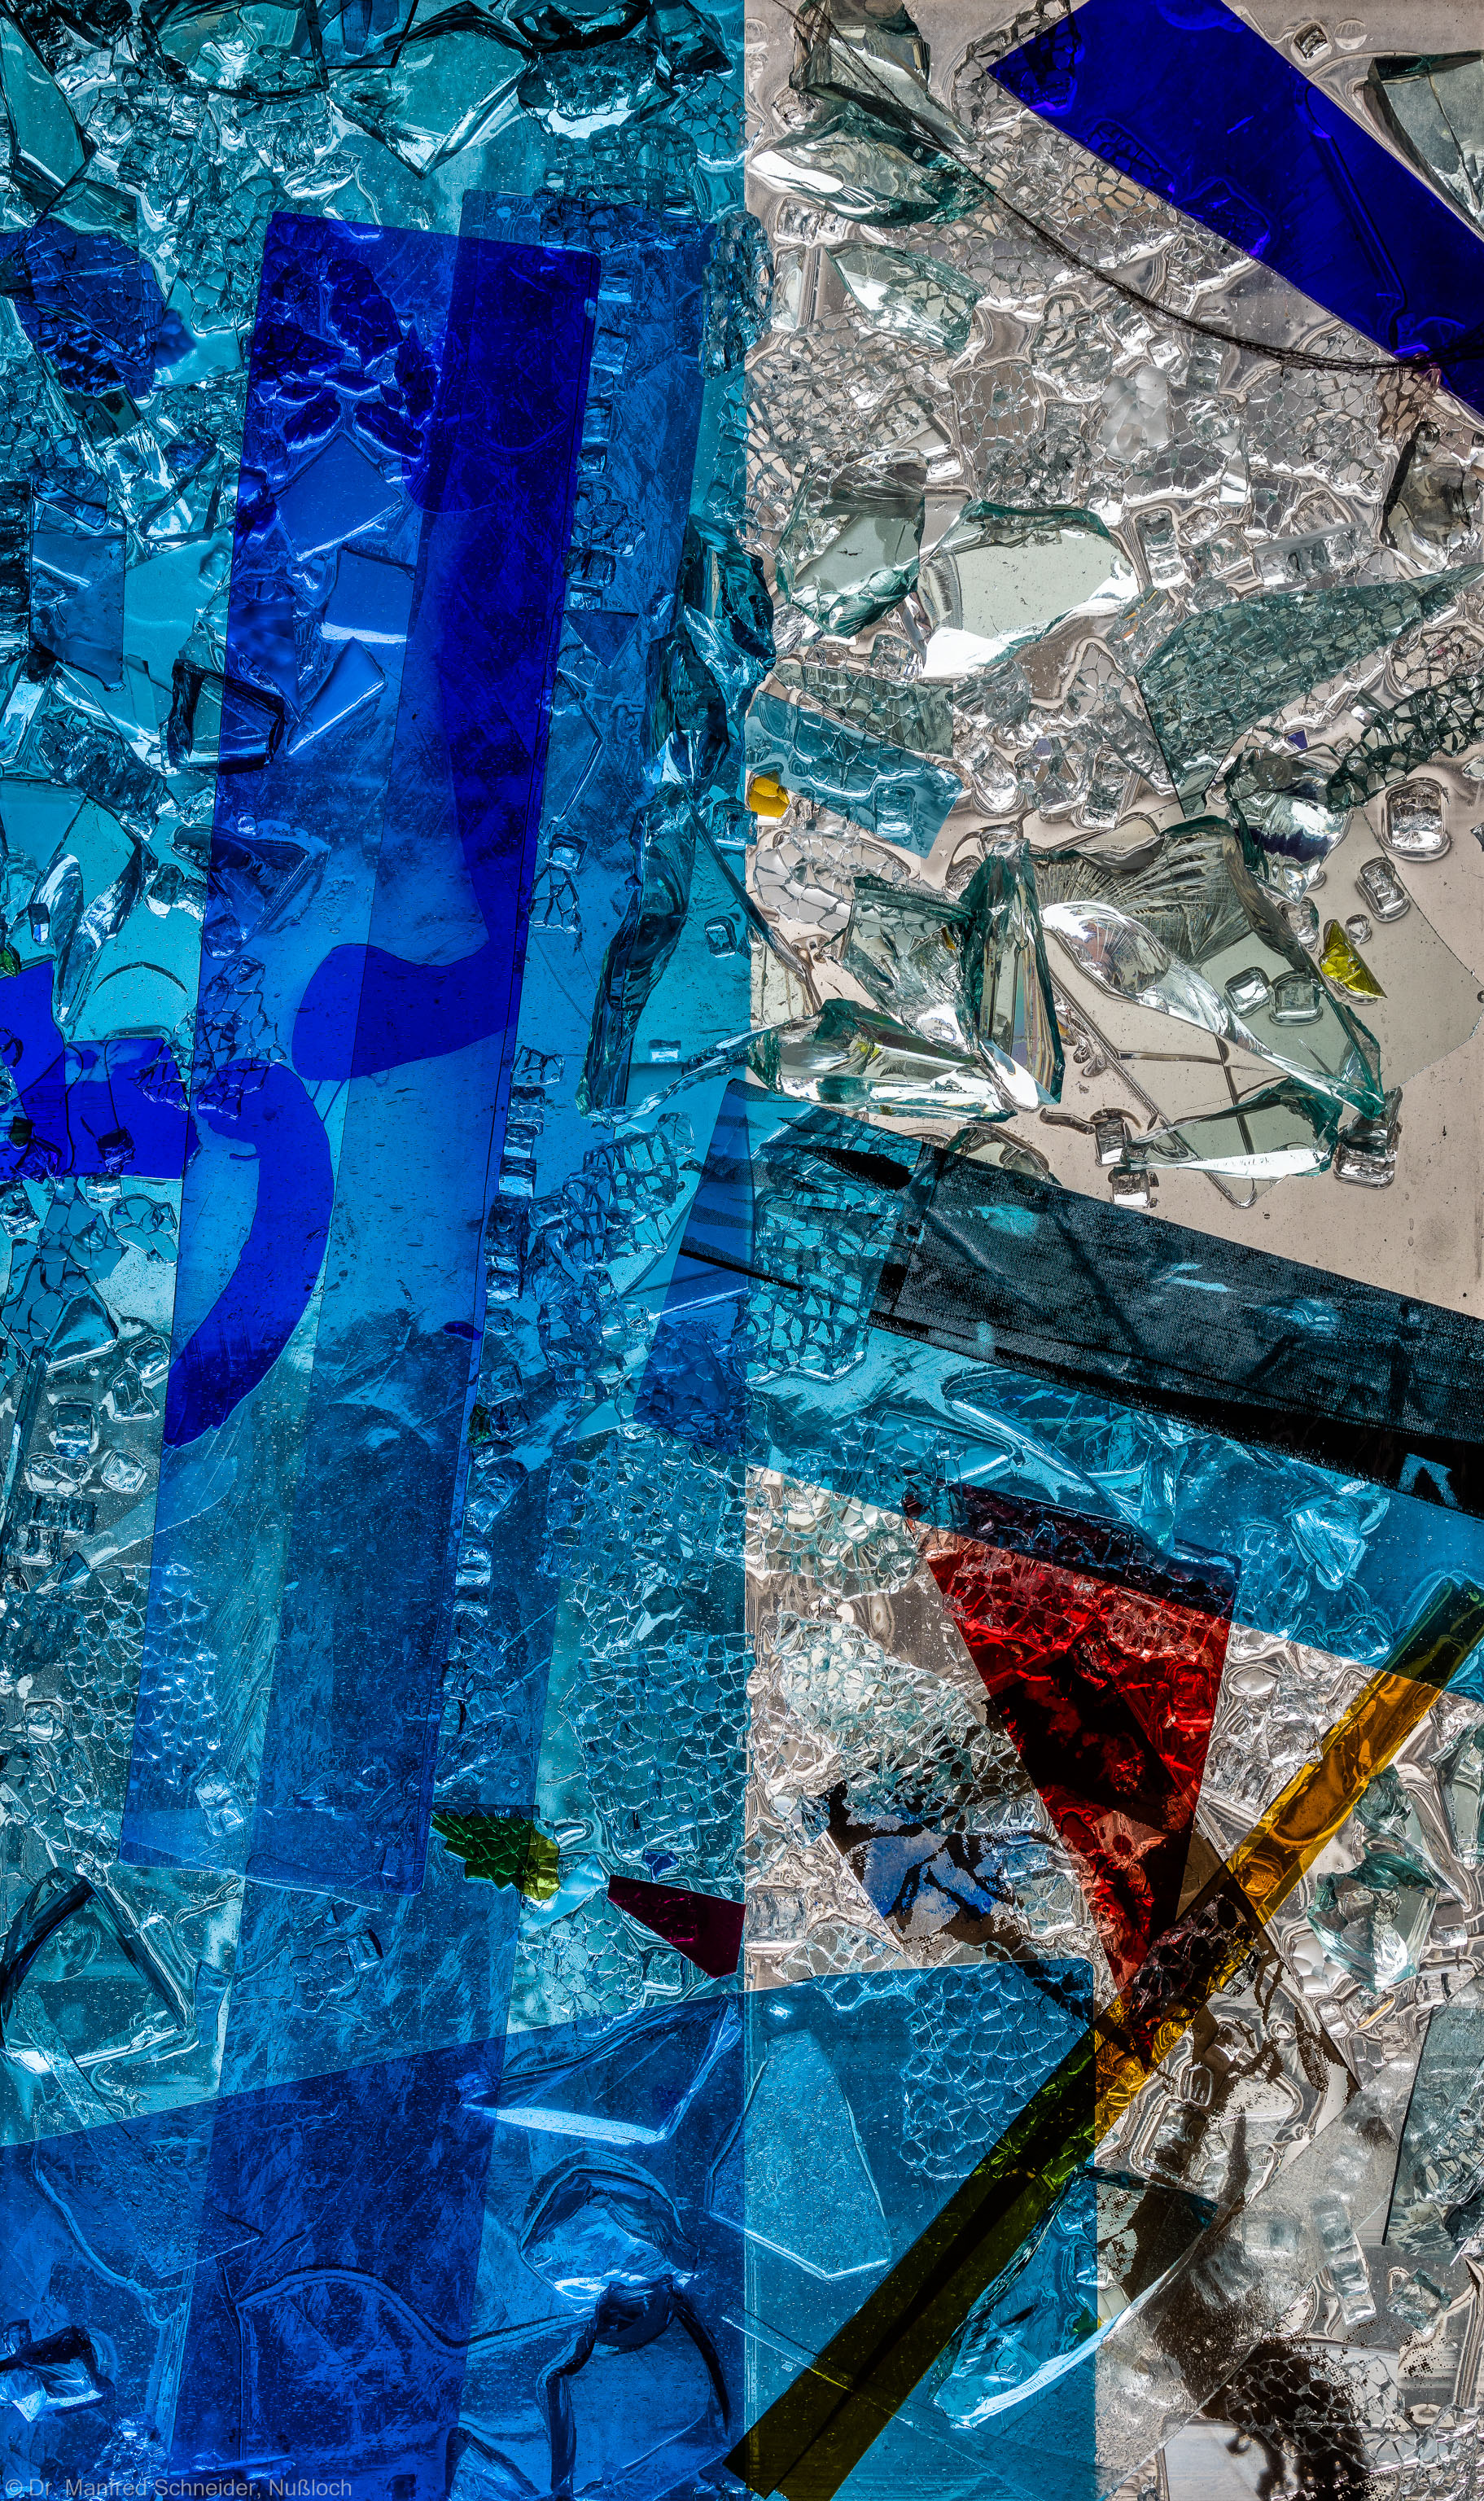 """Heidelberg - Heiliggeistkirche - Nordschiff - 1. Joch, von Westen aus gezählt - Ausschnitt aus Feld (rechte Bahn, unterste Zeile) des Fensters """"Schöpfungsgeschichte - Gottes Geist über den Wassern"""" von Hella De Santarossa (aufgenommen im Oktober 2015, am Nachmittag)"""